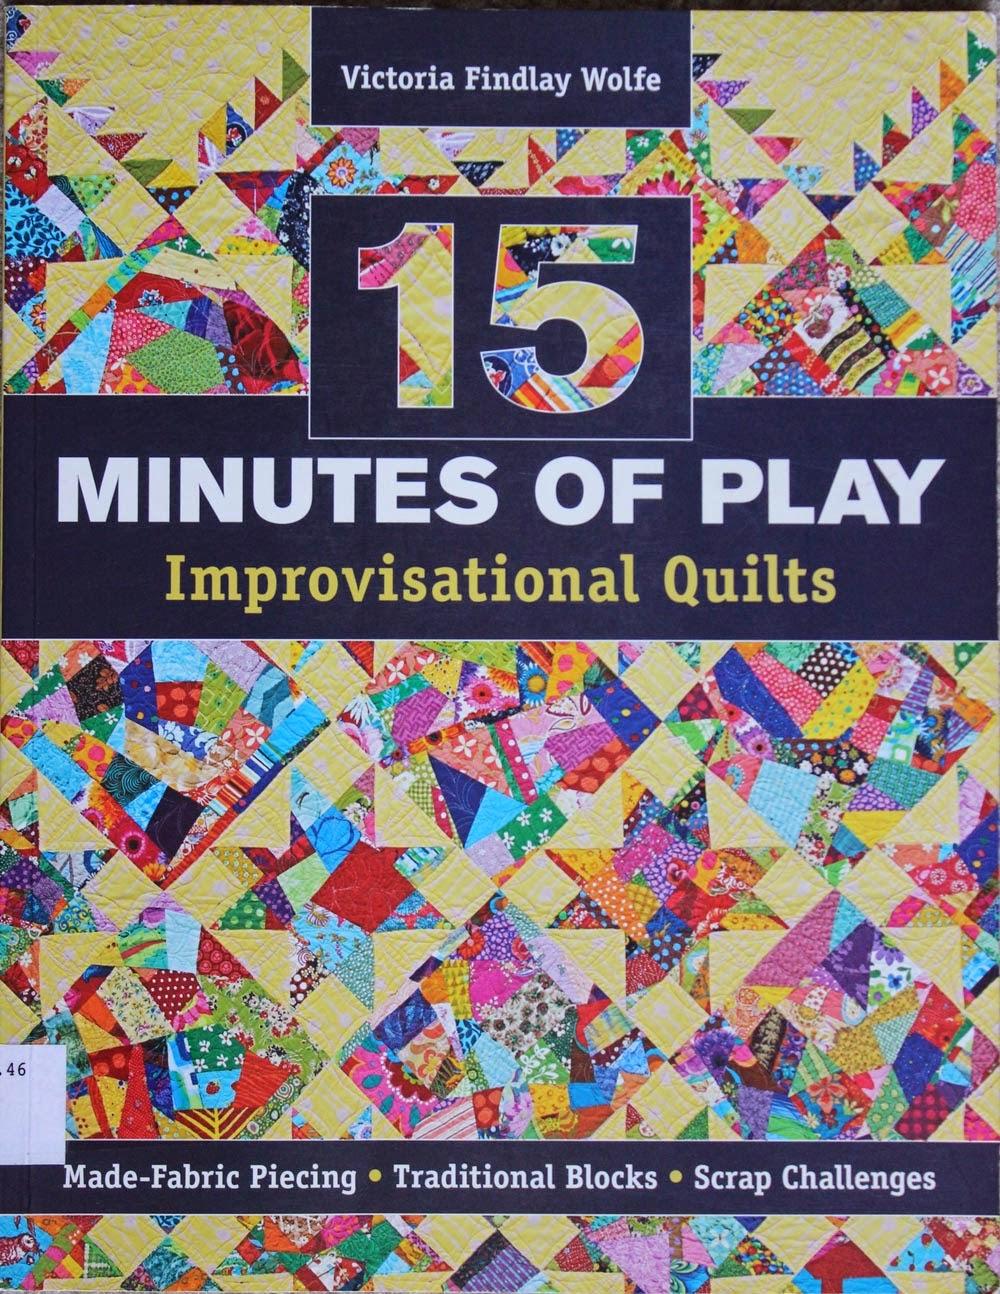 http://www.amazon.com/minutes-Play-Improvisational-Quilts-Made-Fabric-ebook/dp/B00BQA3VWW/ref=as_li_qf_sp_asin_til?tag=quiltfab-20&linkCode=w00&creativeASIN=B00BQA3VWW